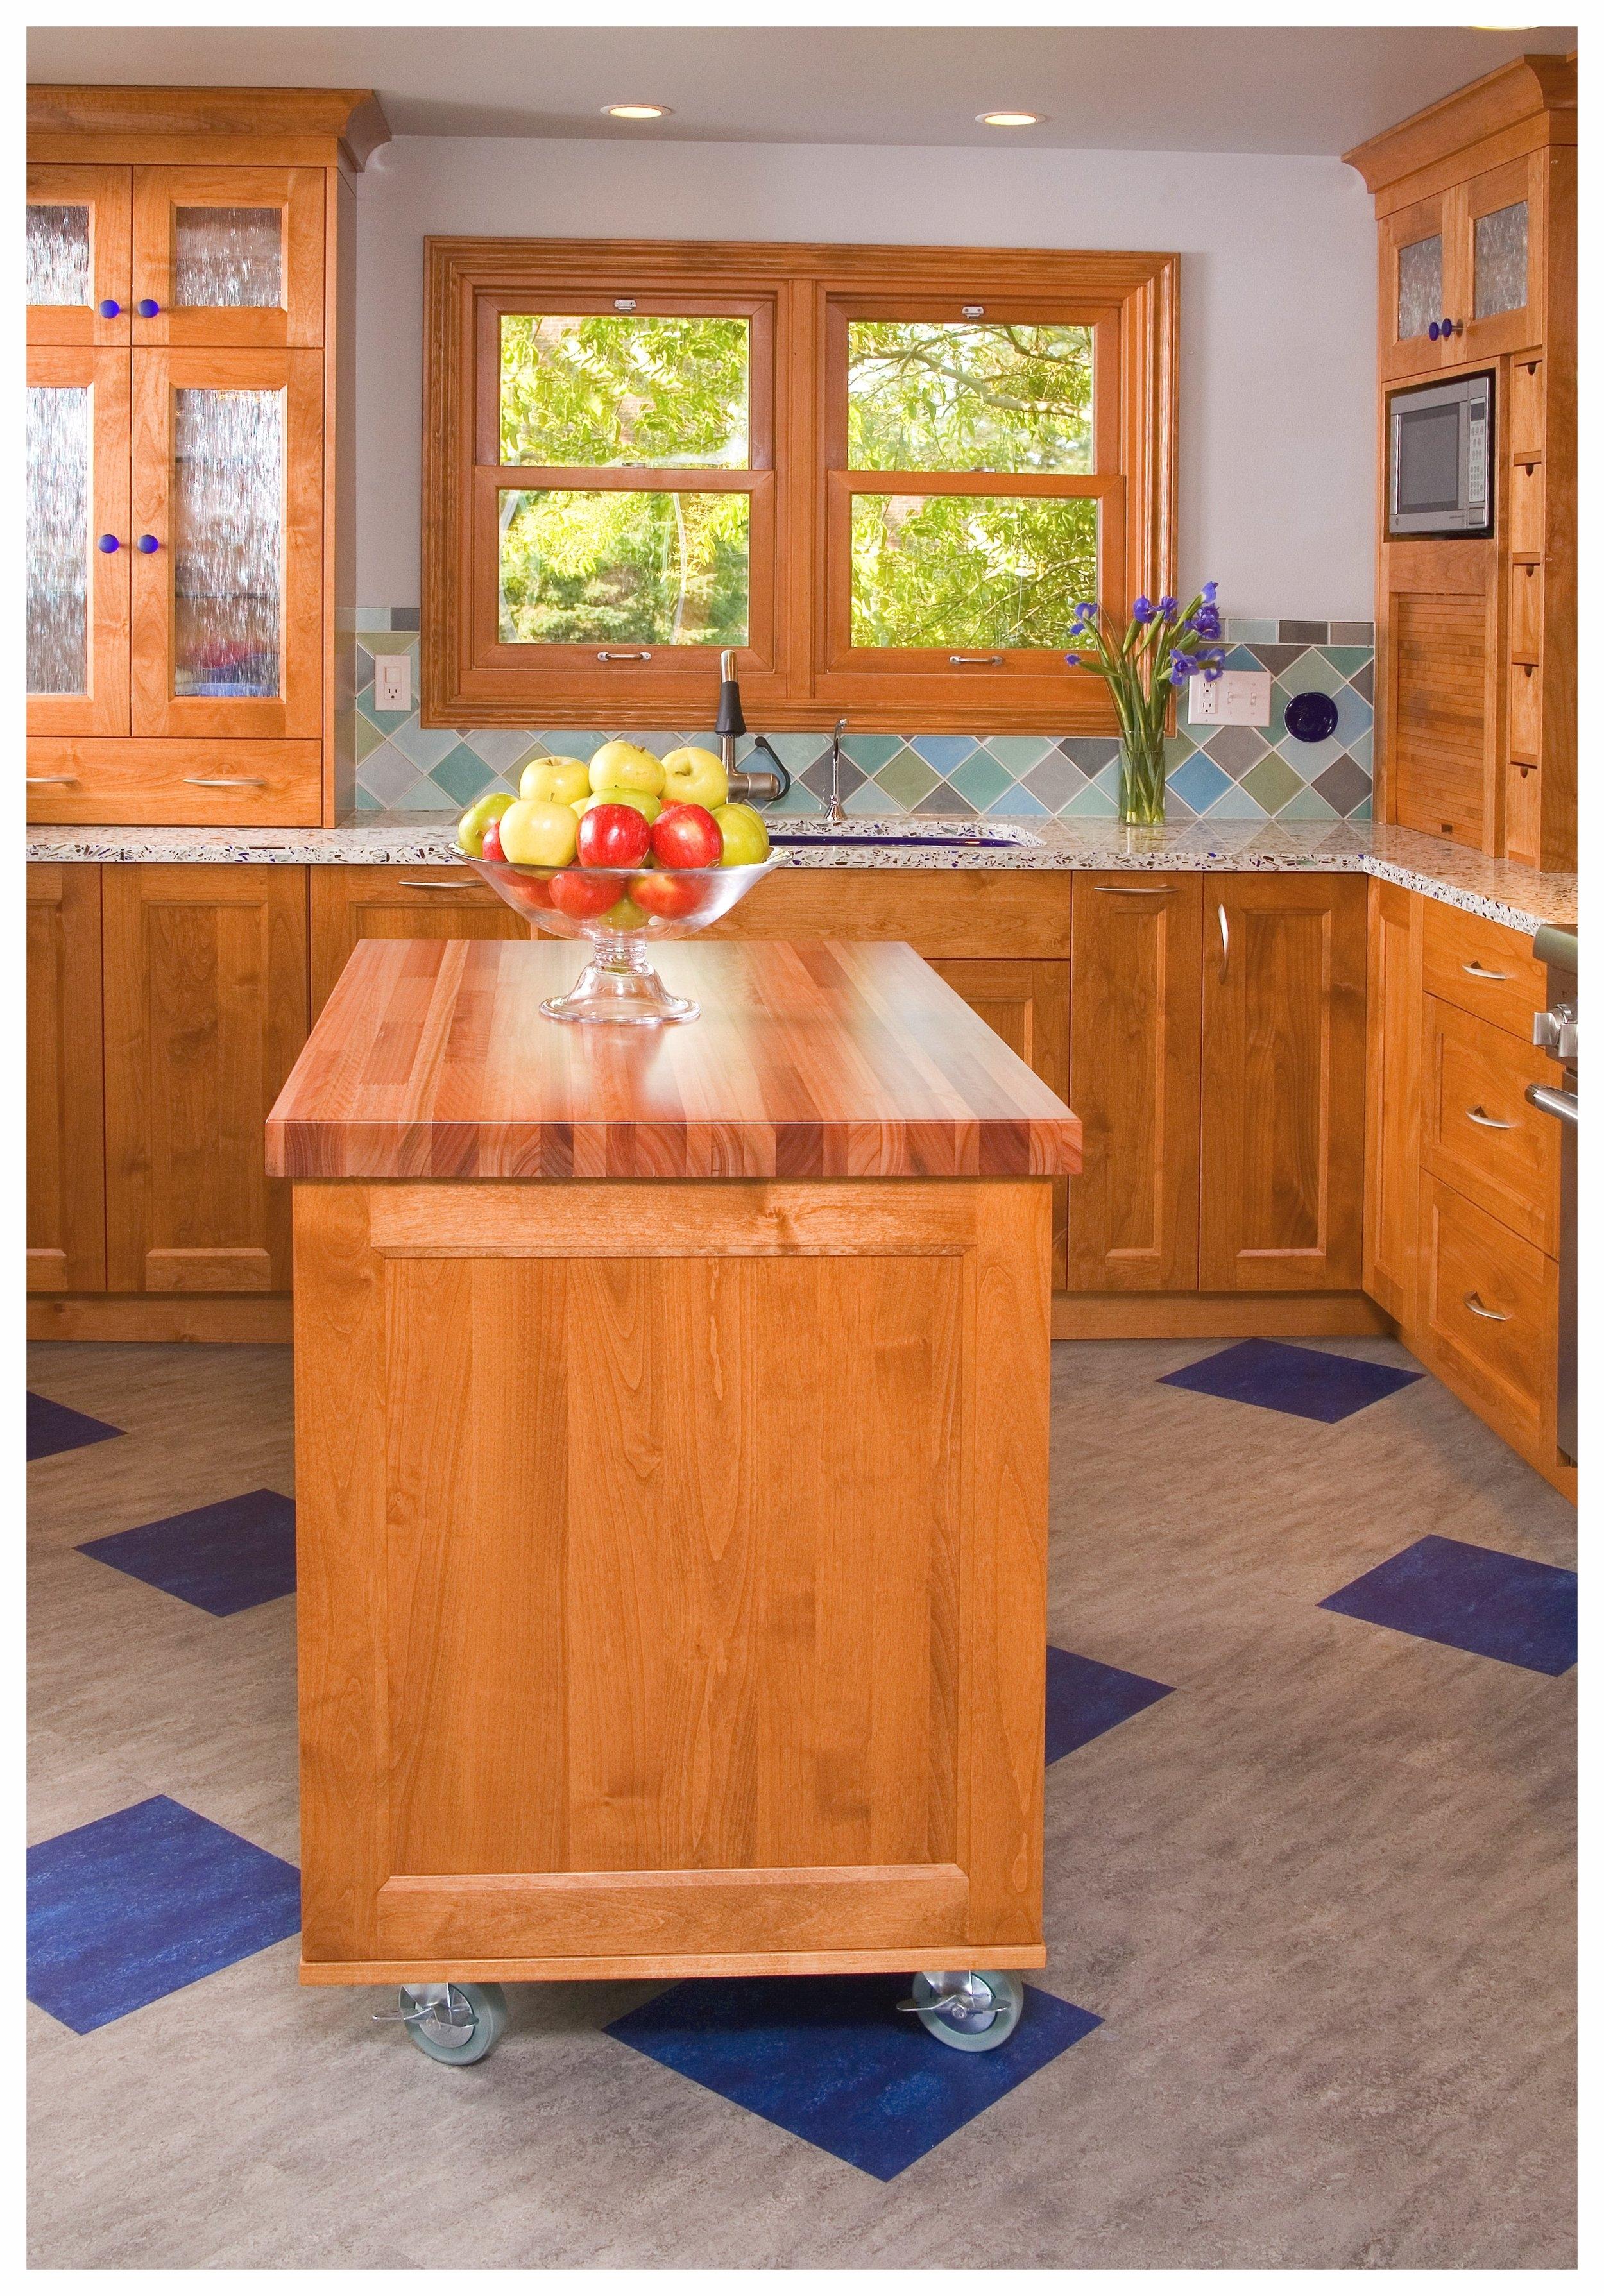 Seattle Sand Point Cottage Kitchen 5.jpg